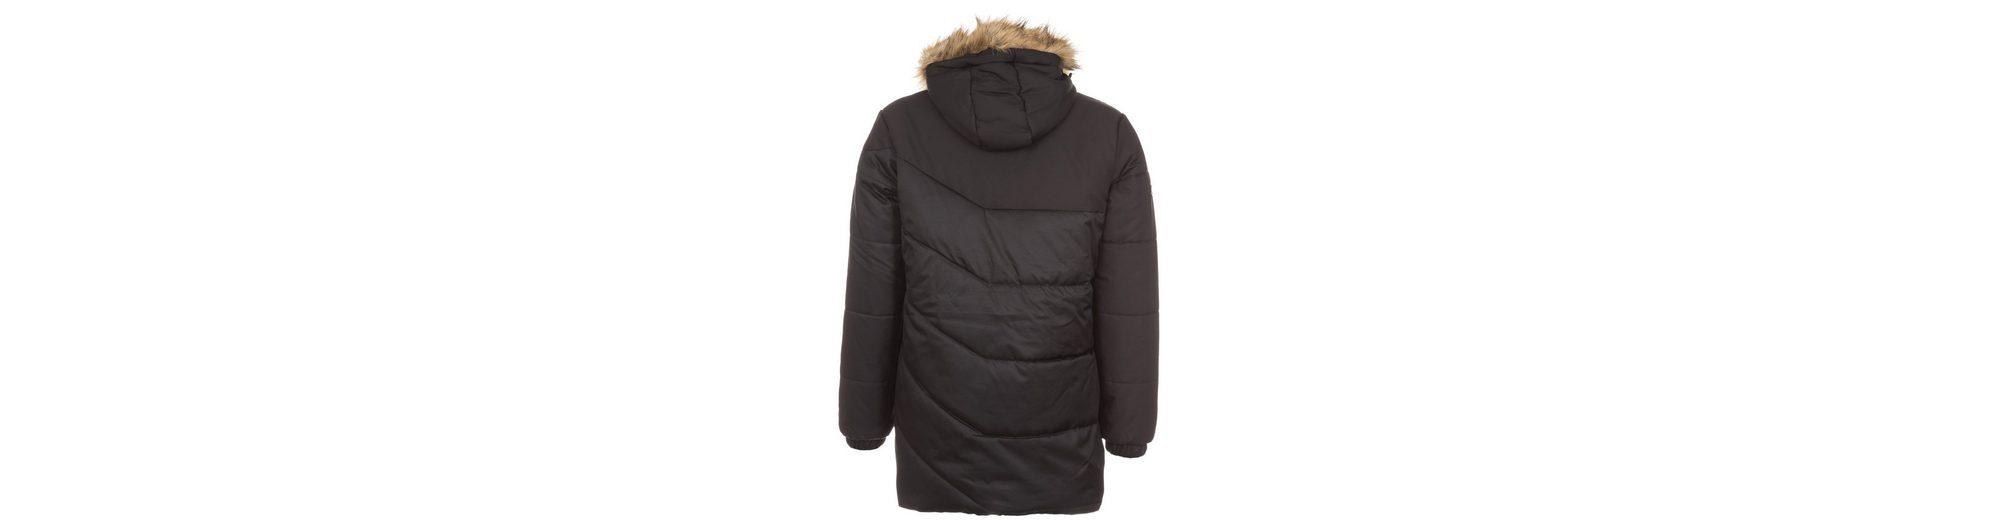 ERIMA Premium One Winterjacke Herren Auslass Nicekicks Billig Verkauf Niedriger Preis Schnelle Lieferung SVmh95